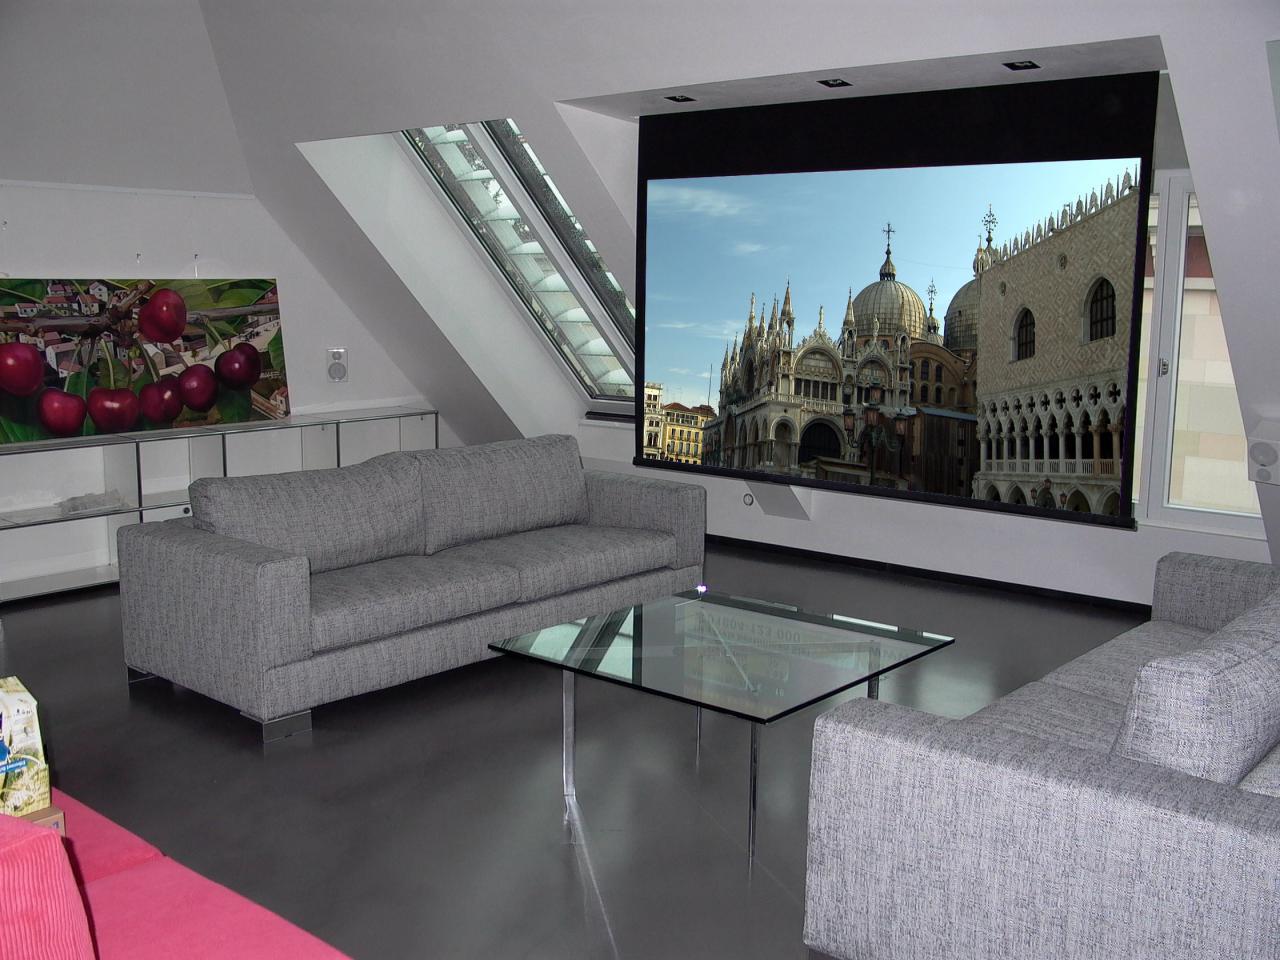 Wohnzimmer Fernseher Vor Fenster – MiDiR